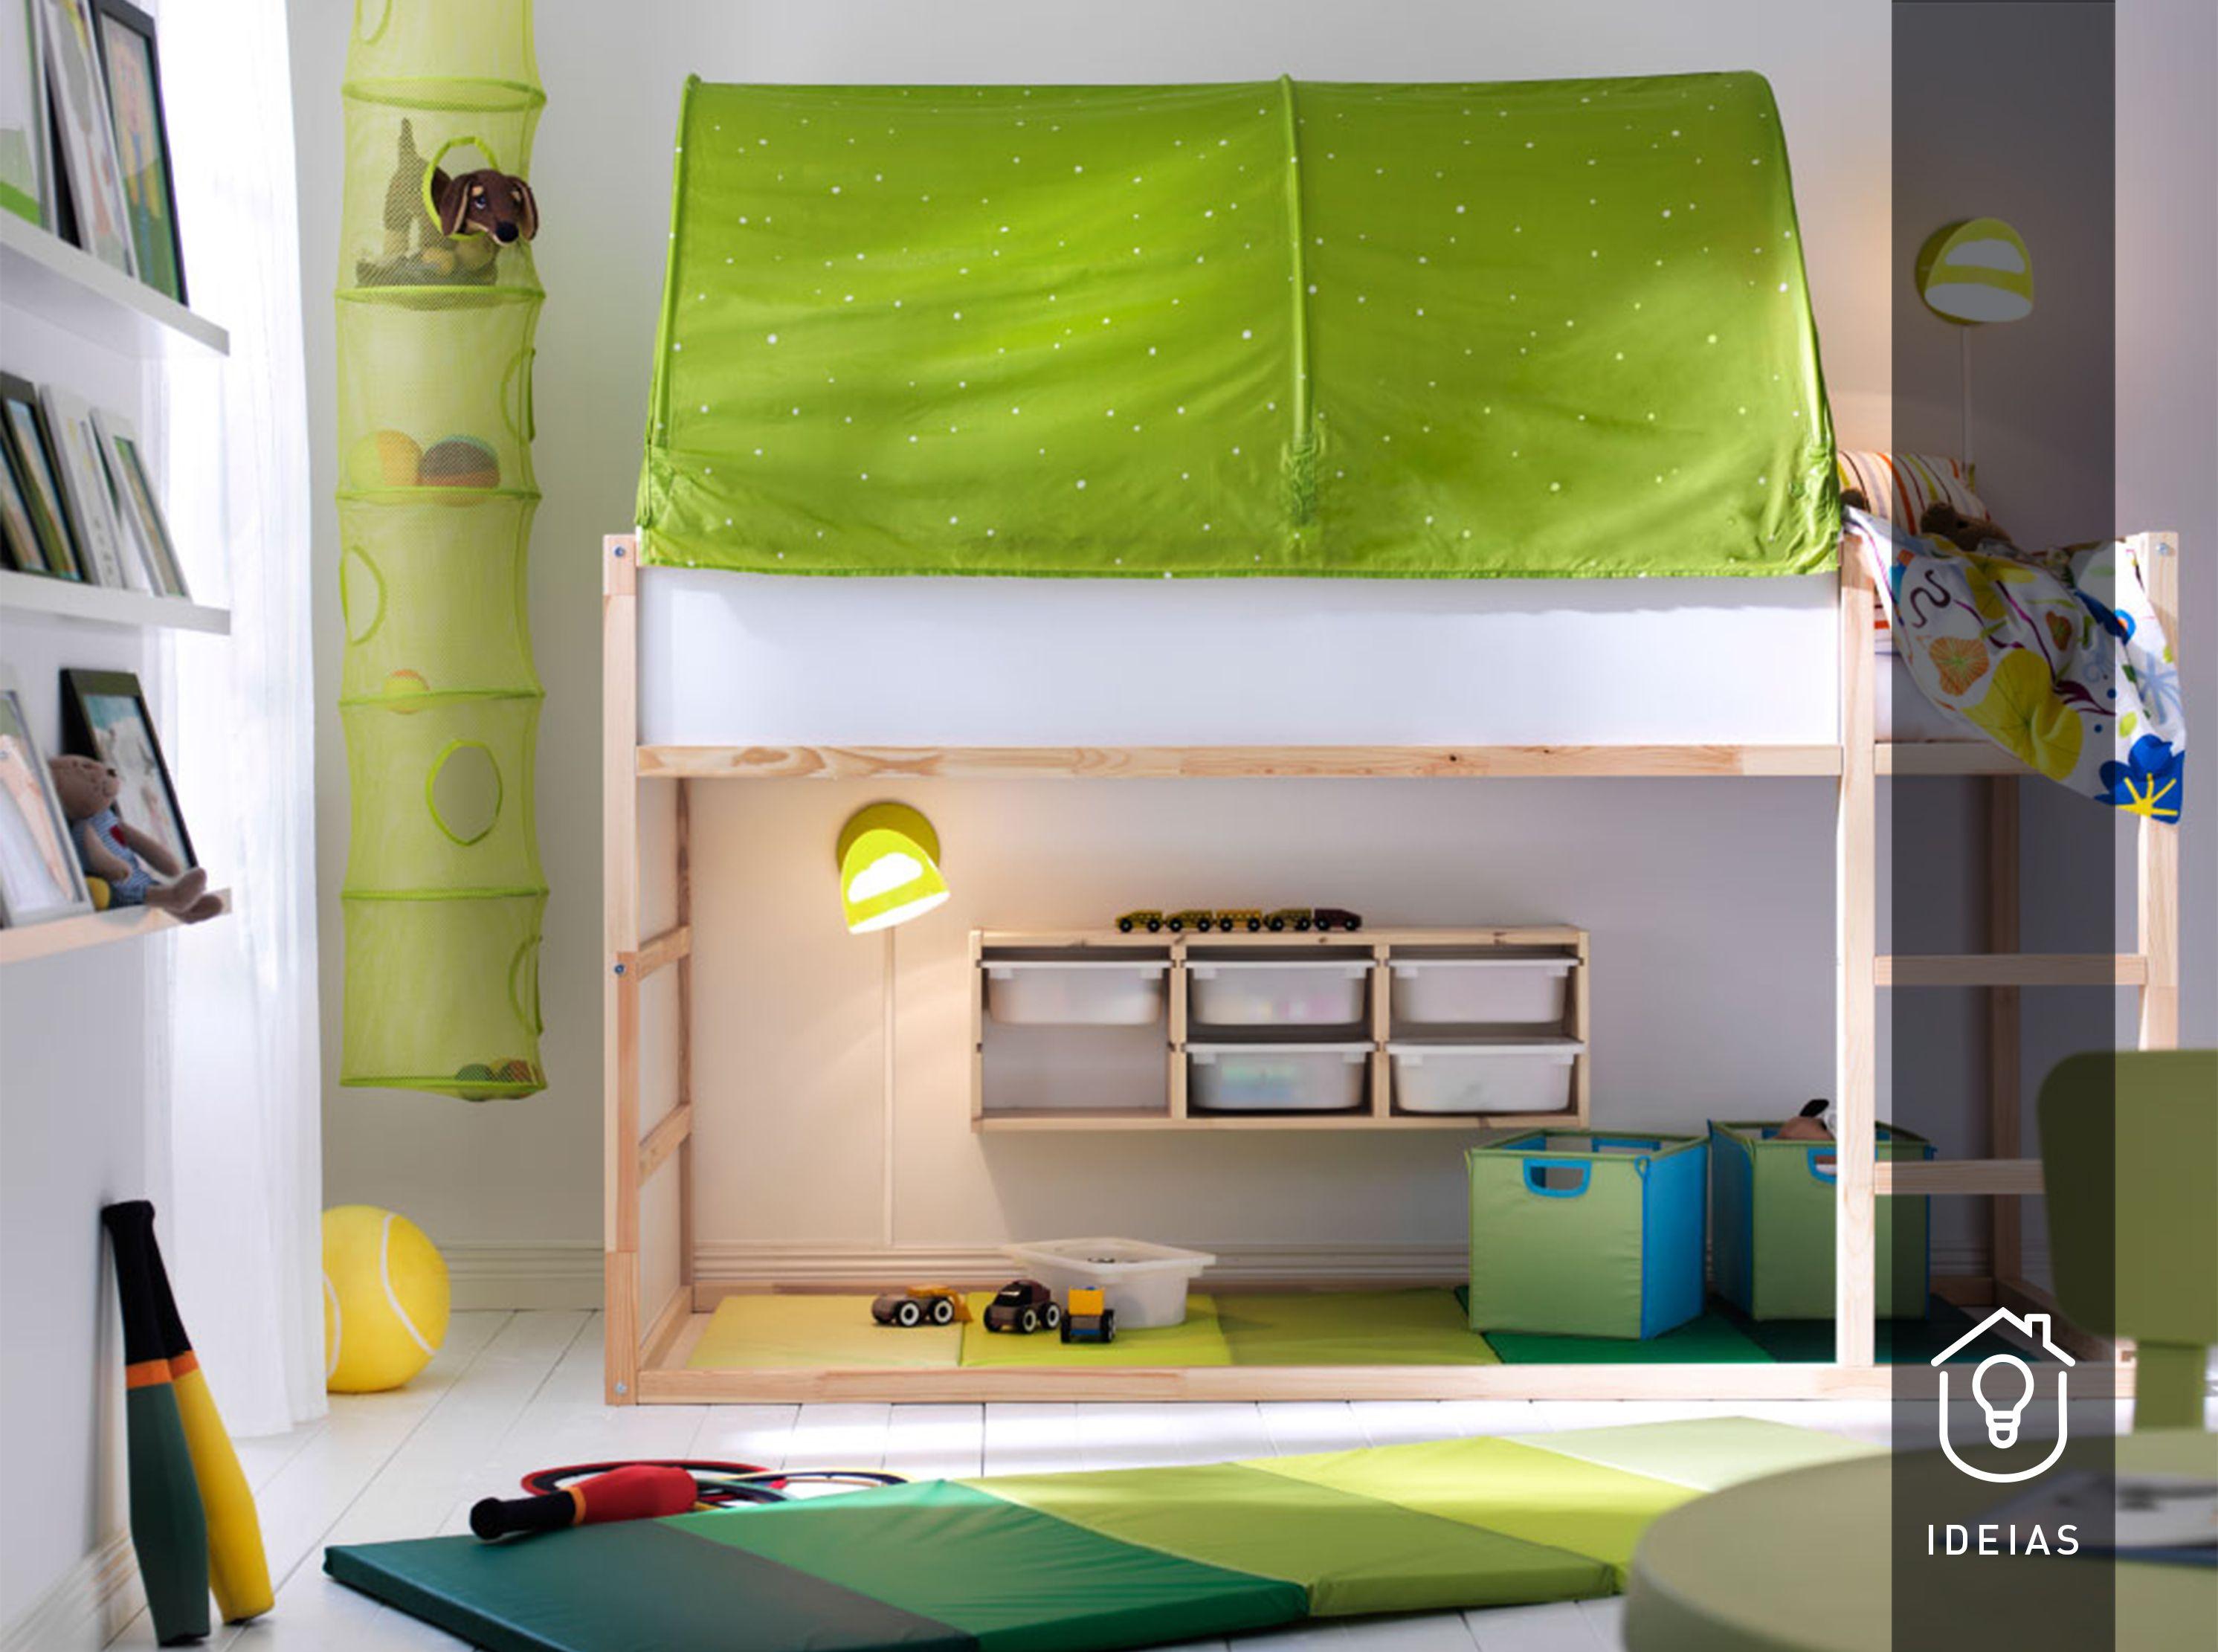 4 bedroom loft  Ideias de construção e decoração do espaço  Quartos de Criança